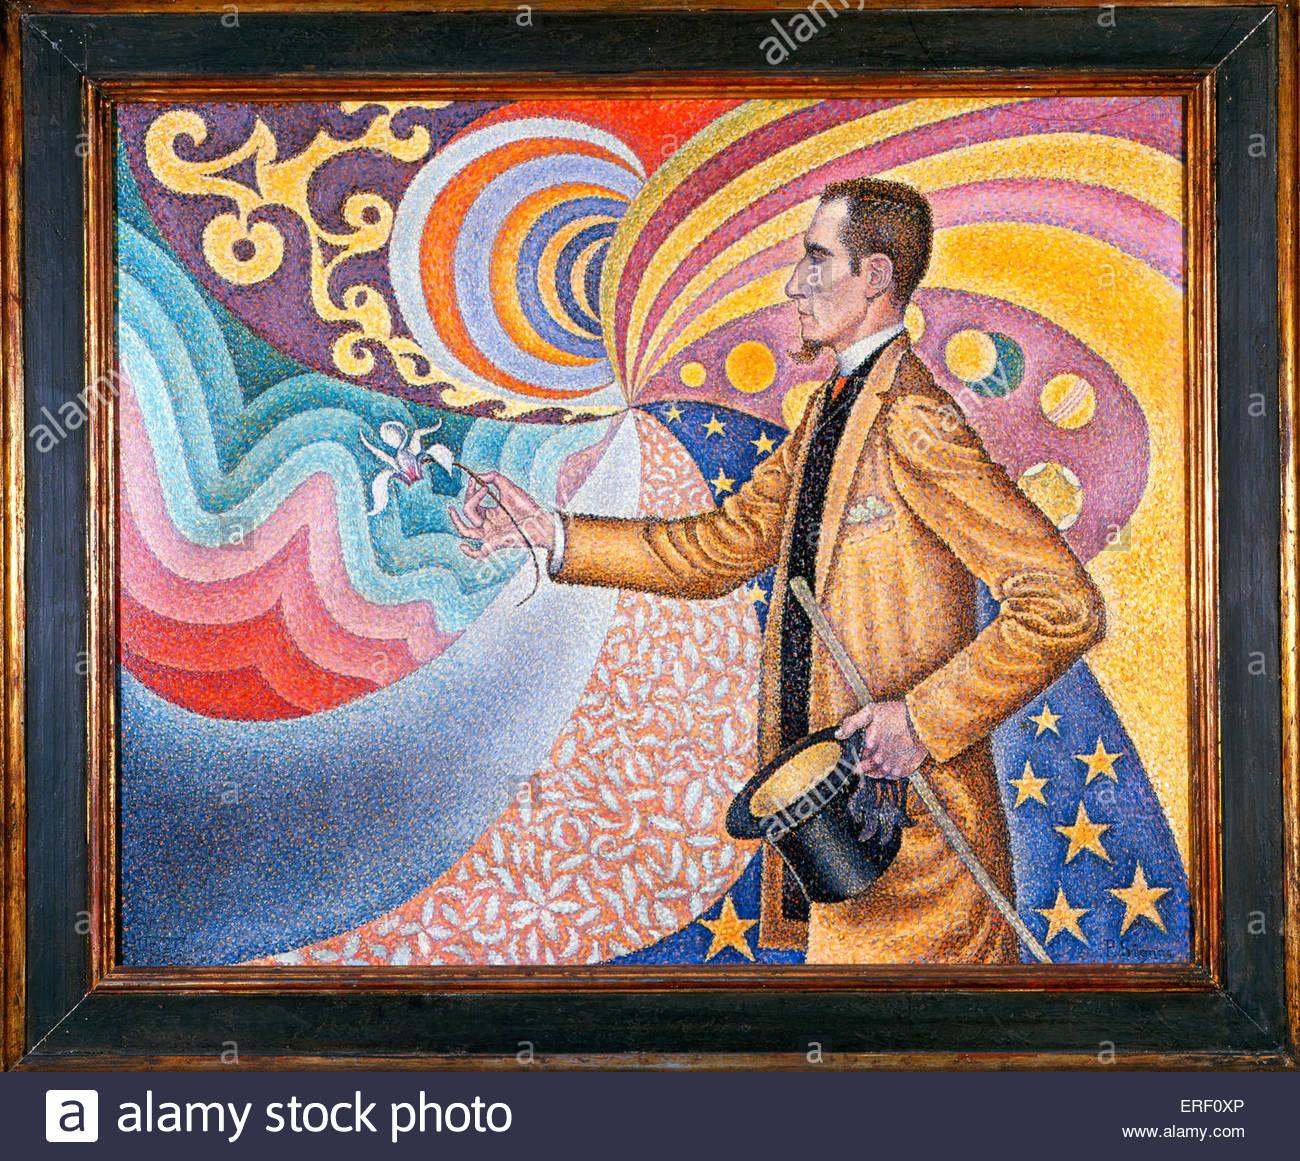 Paul Signac - pittura , 'contro lo smalto di un Bakground ritmica con Beats e gli angoli, di toni e colori, Immagini Stock